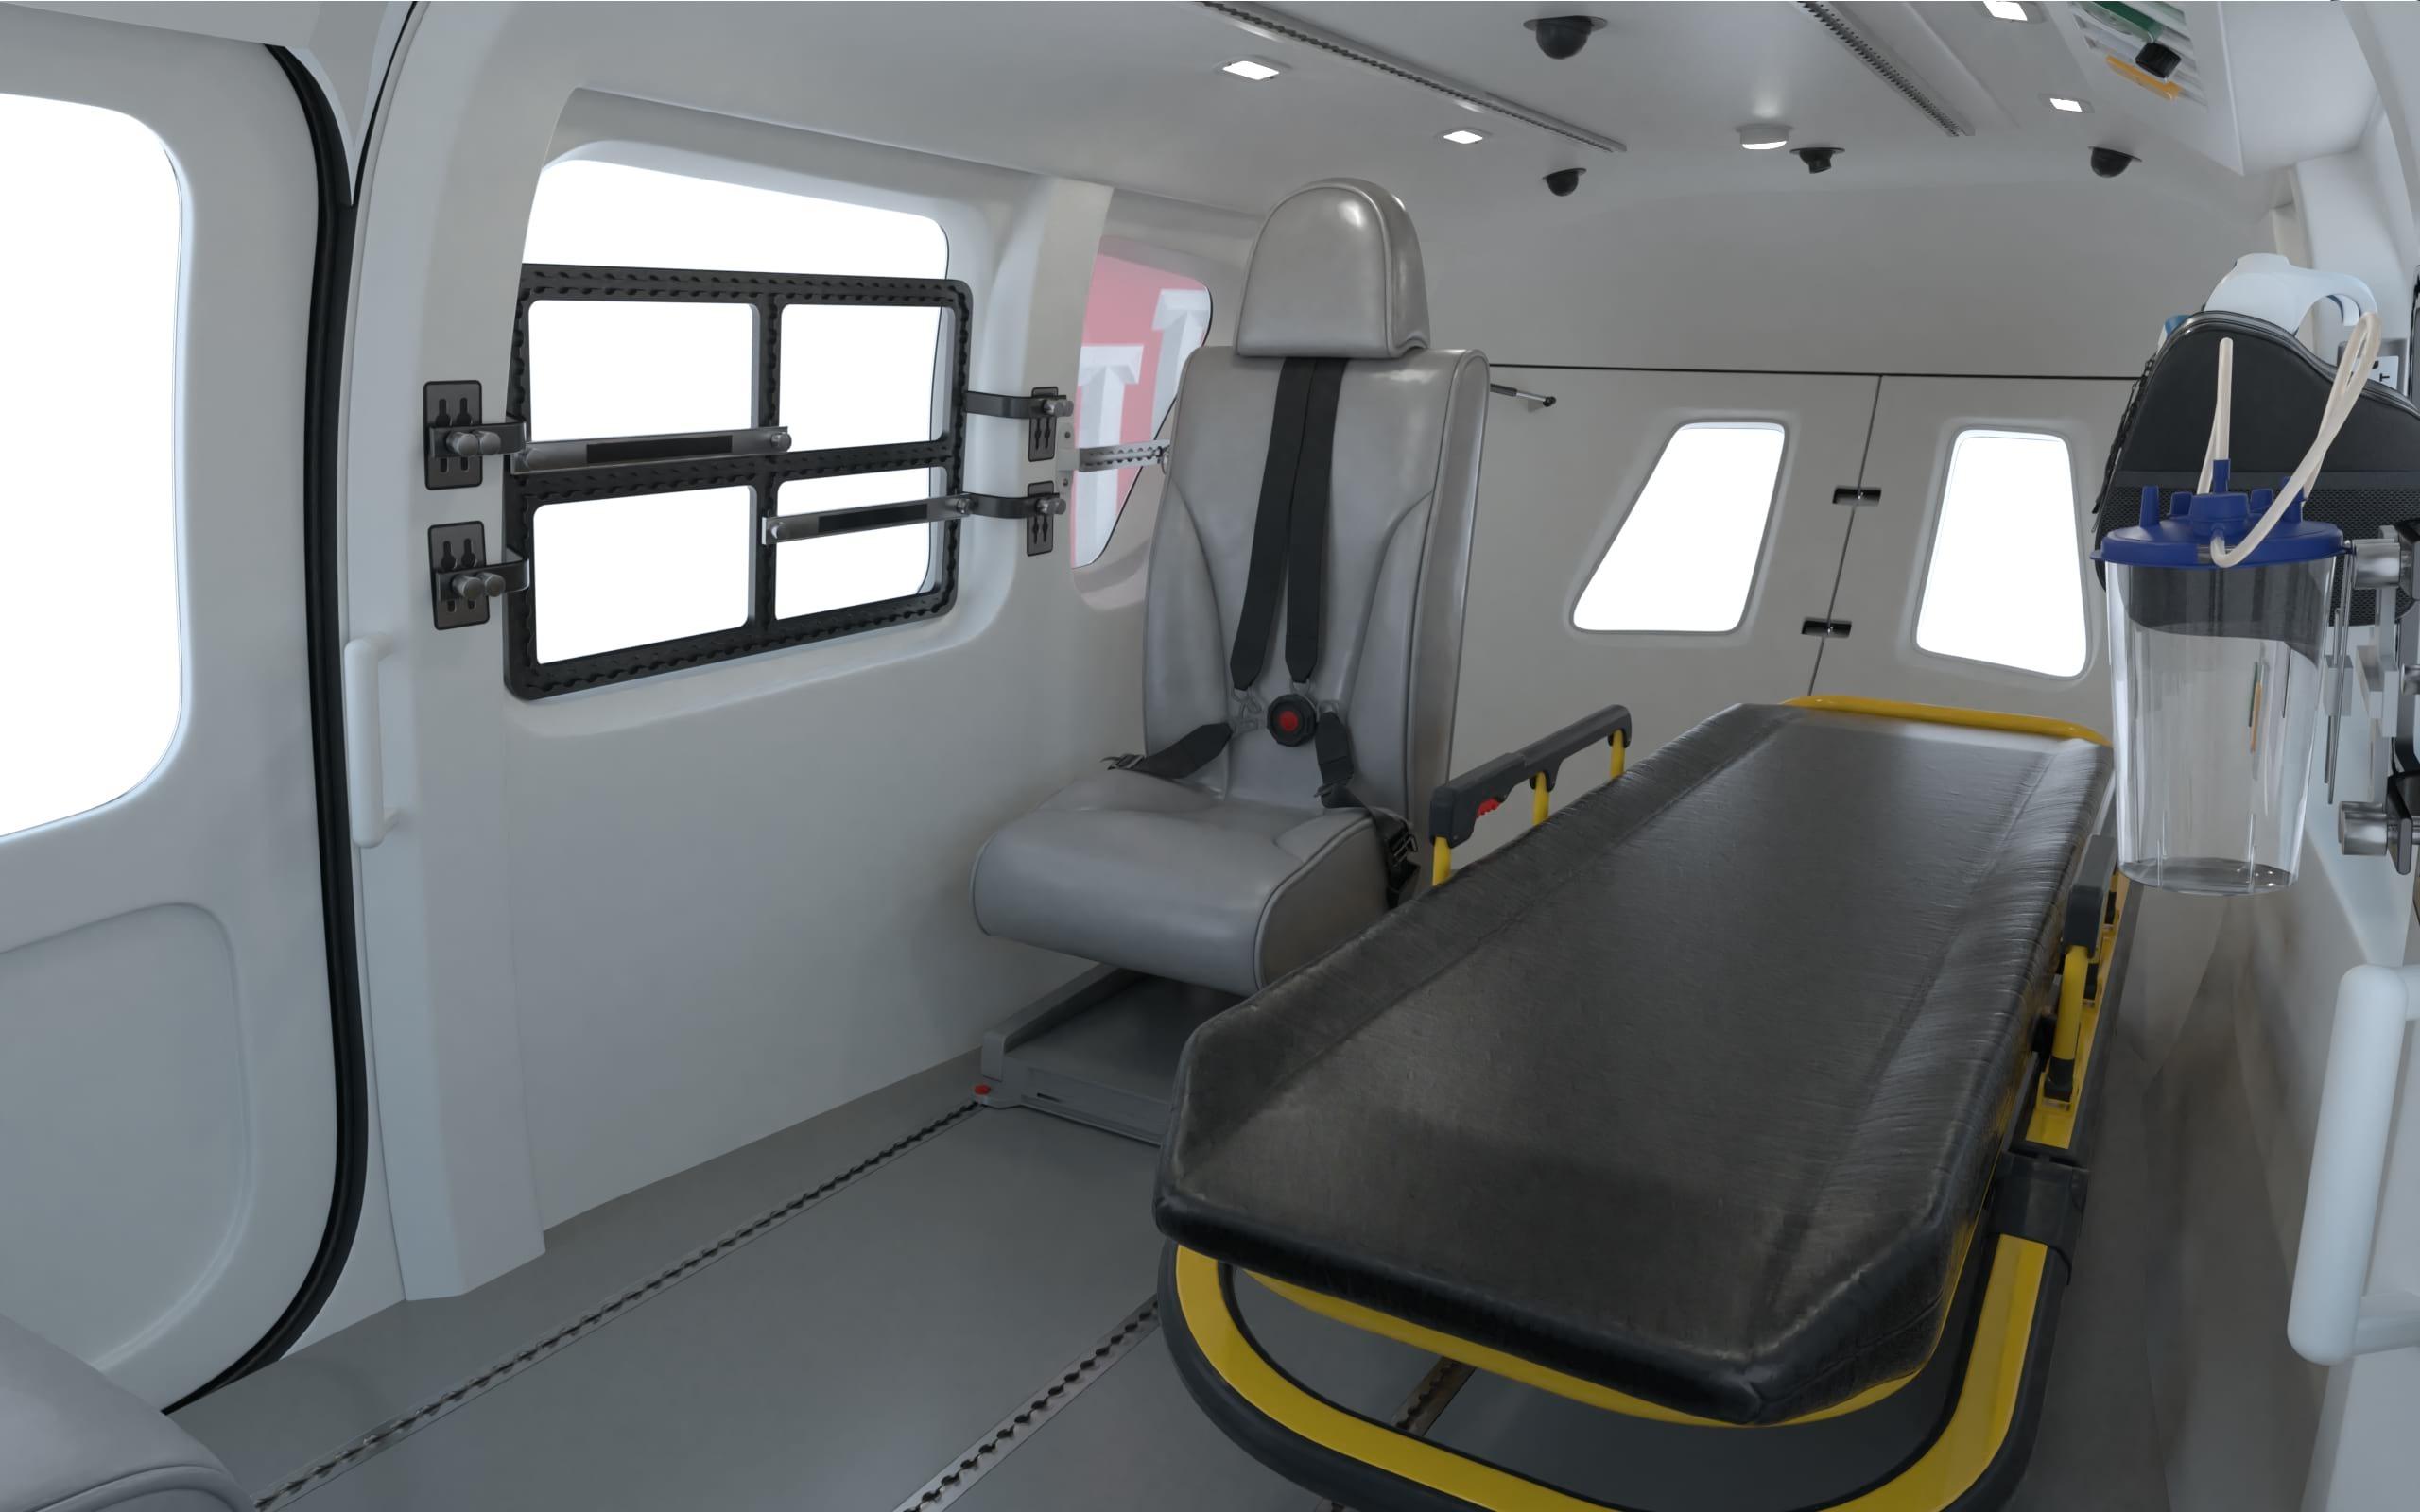 IU Health LifeLine Helicopter